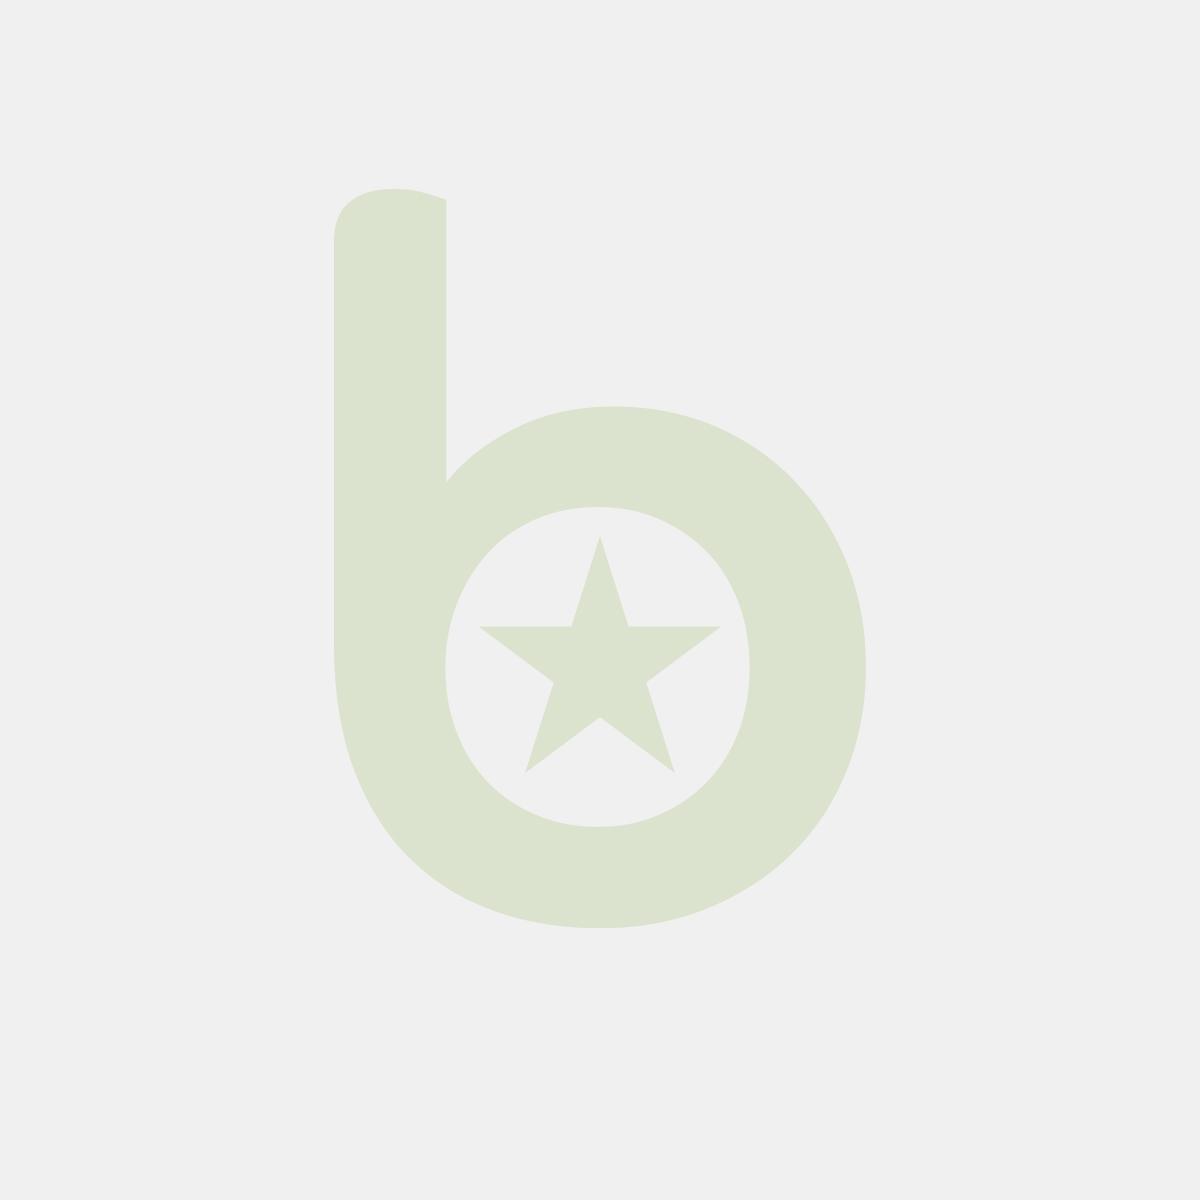 FINGERFOOD - talerz PS kwadratowy 25 x 25 czarny op. 5 sztuk